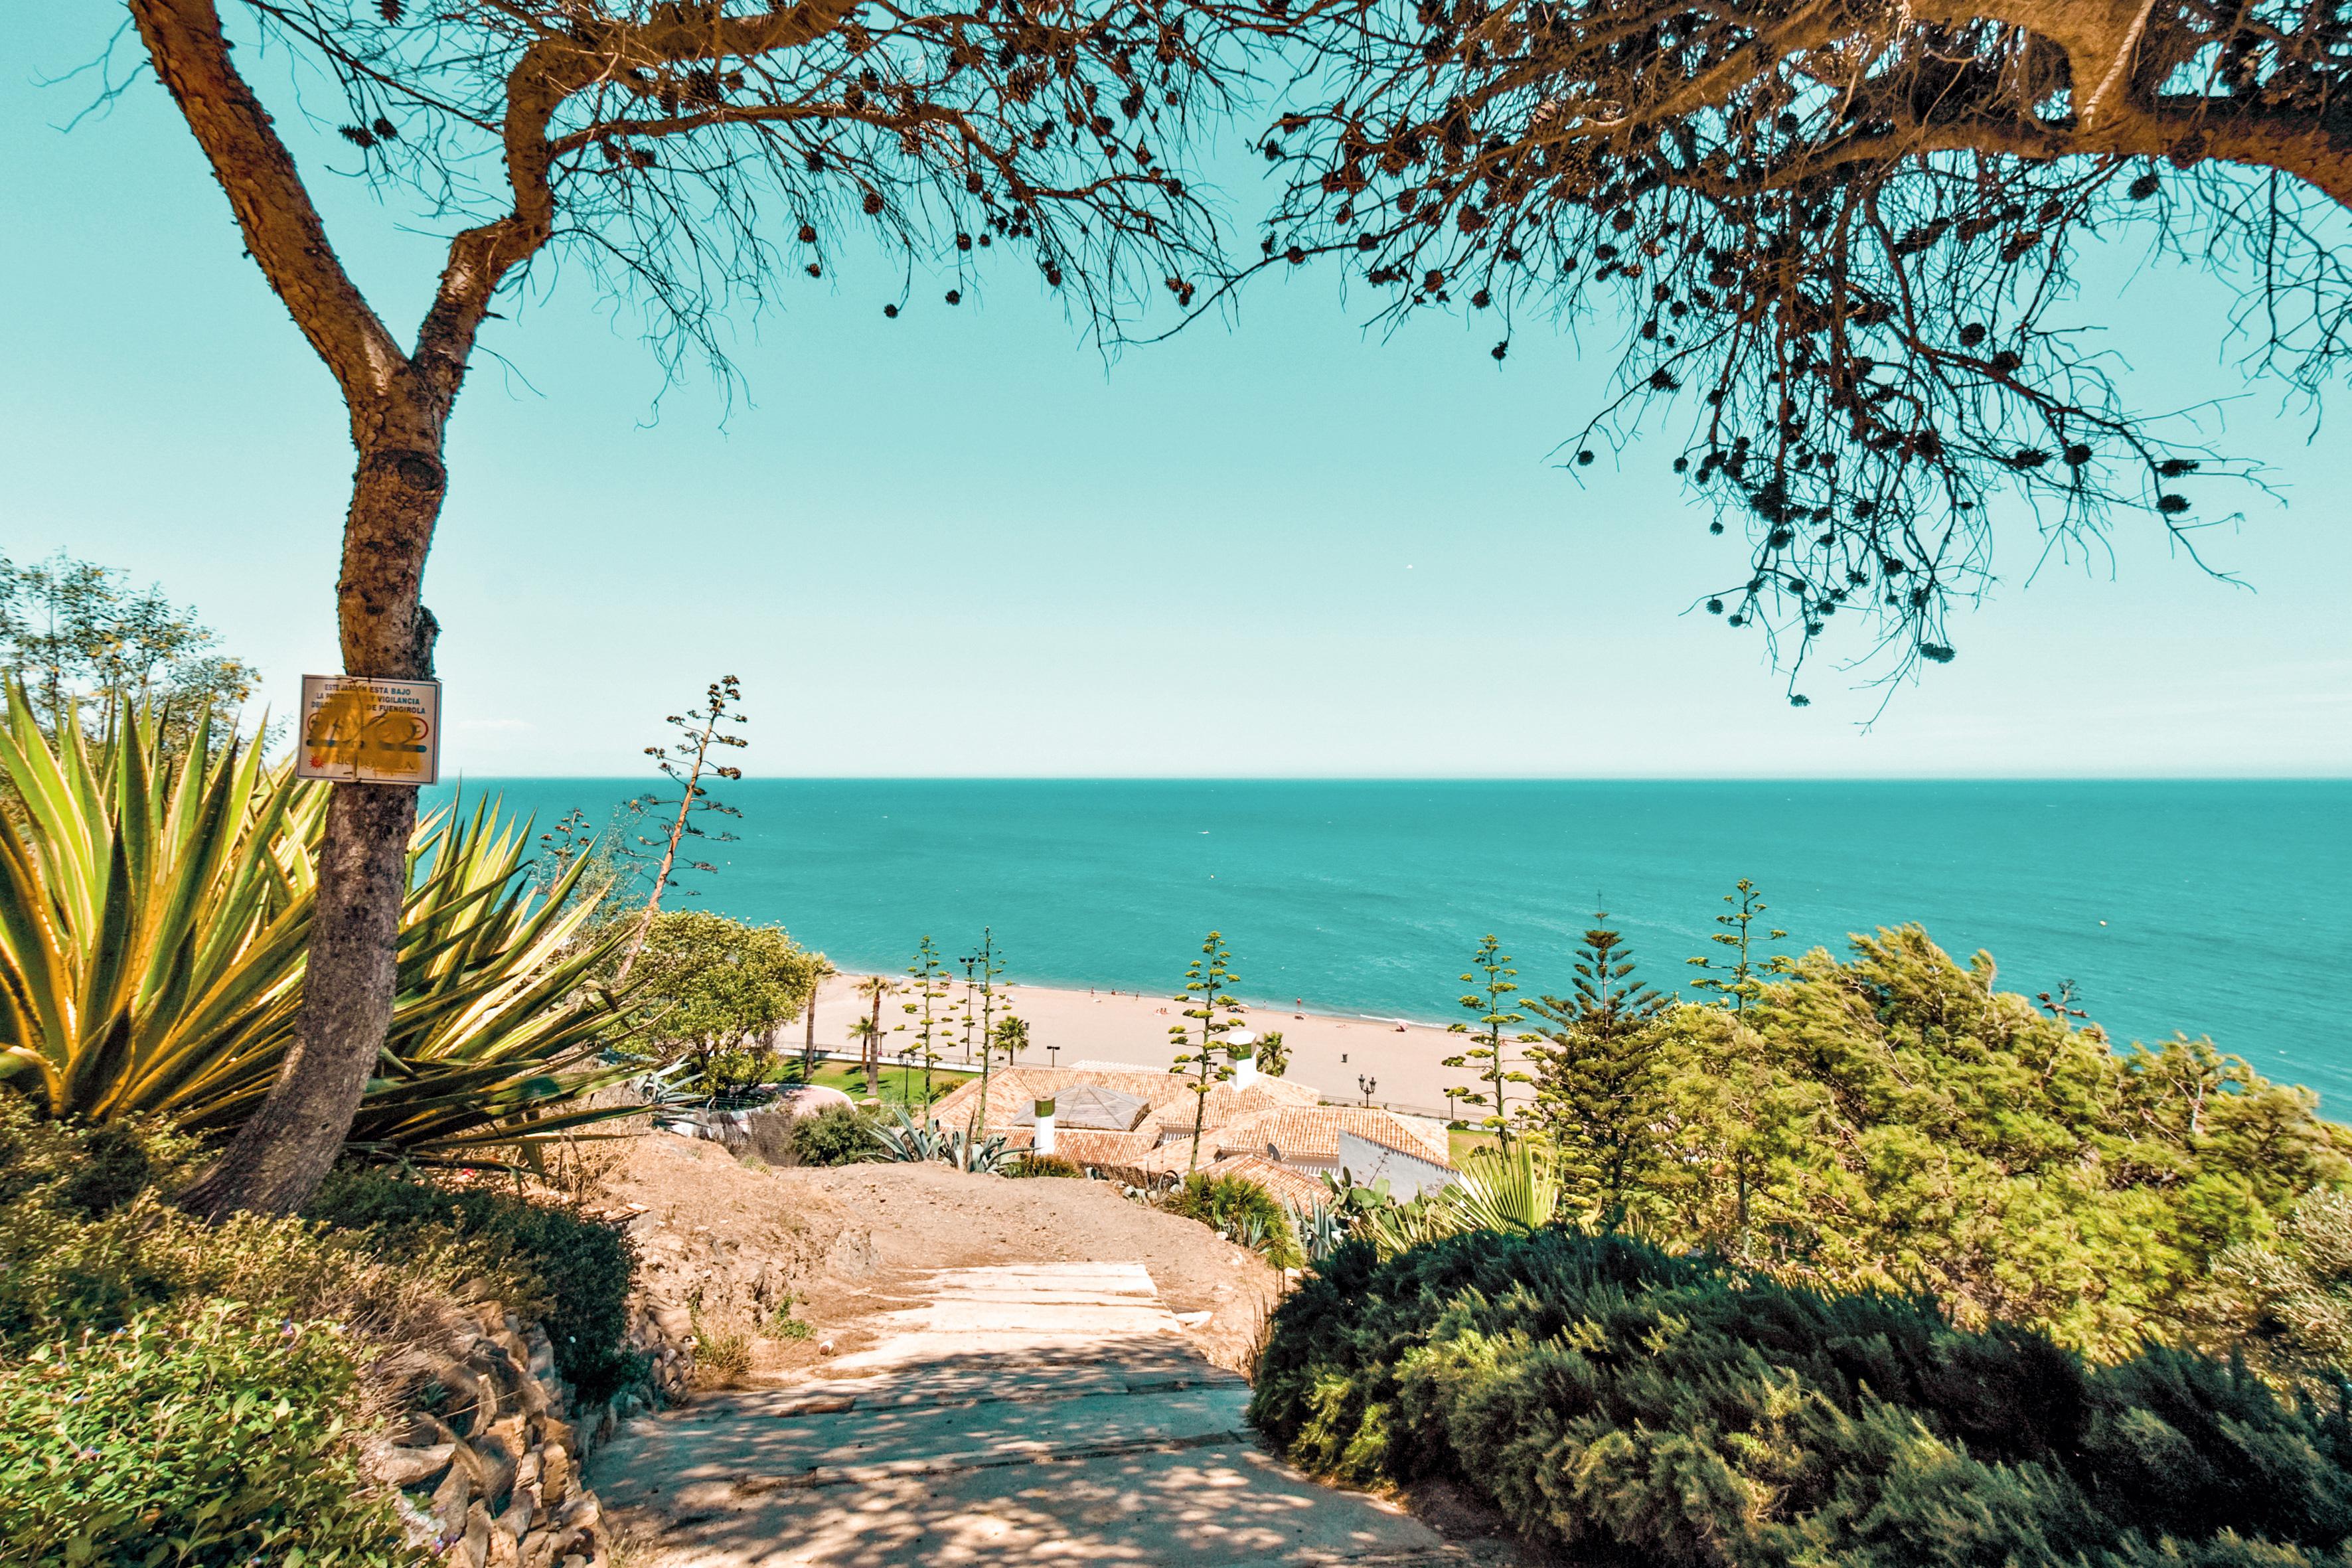 fe905bef7 Costa del Sol - bestill en reise til Costa del Sol (Spania) | Ving